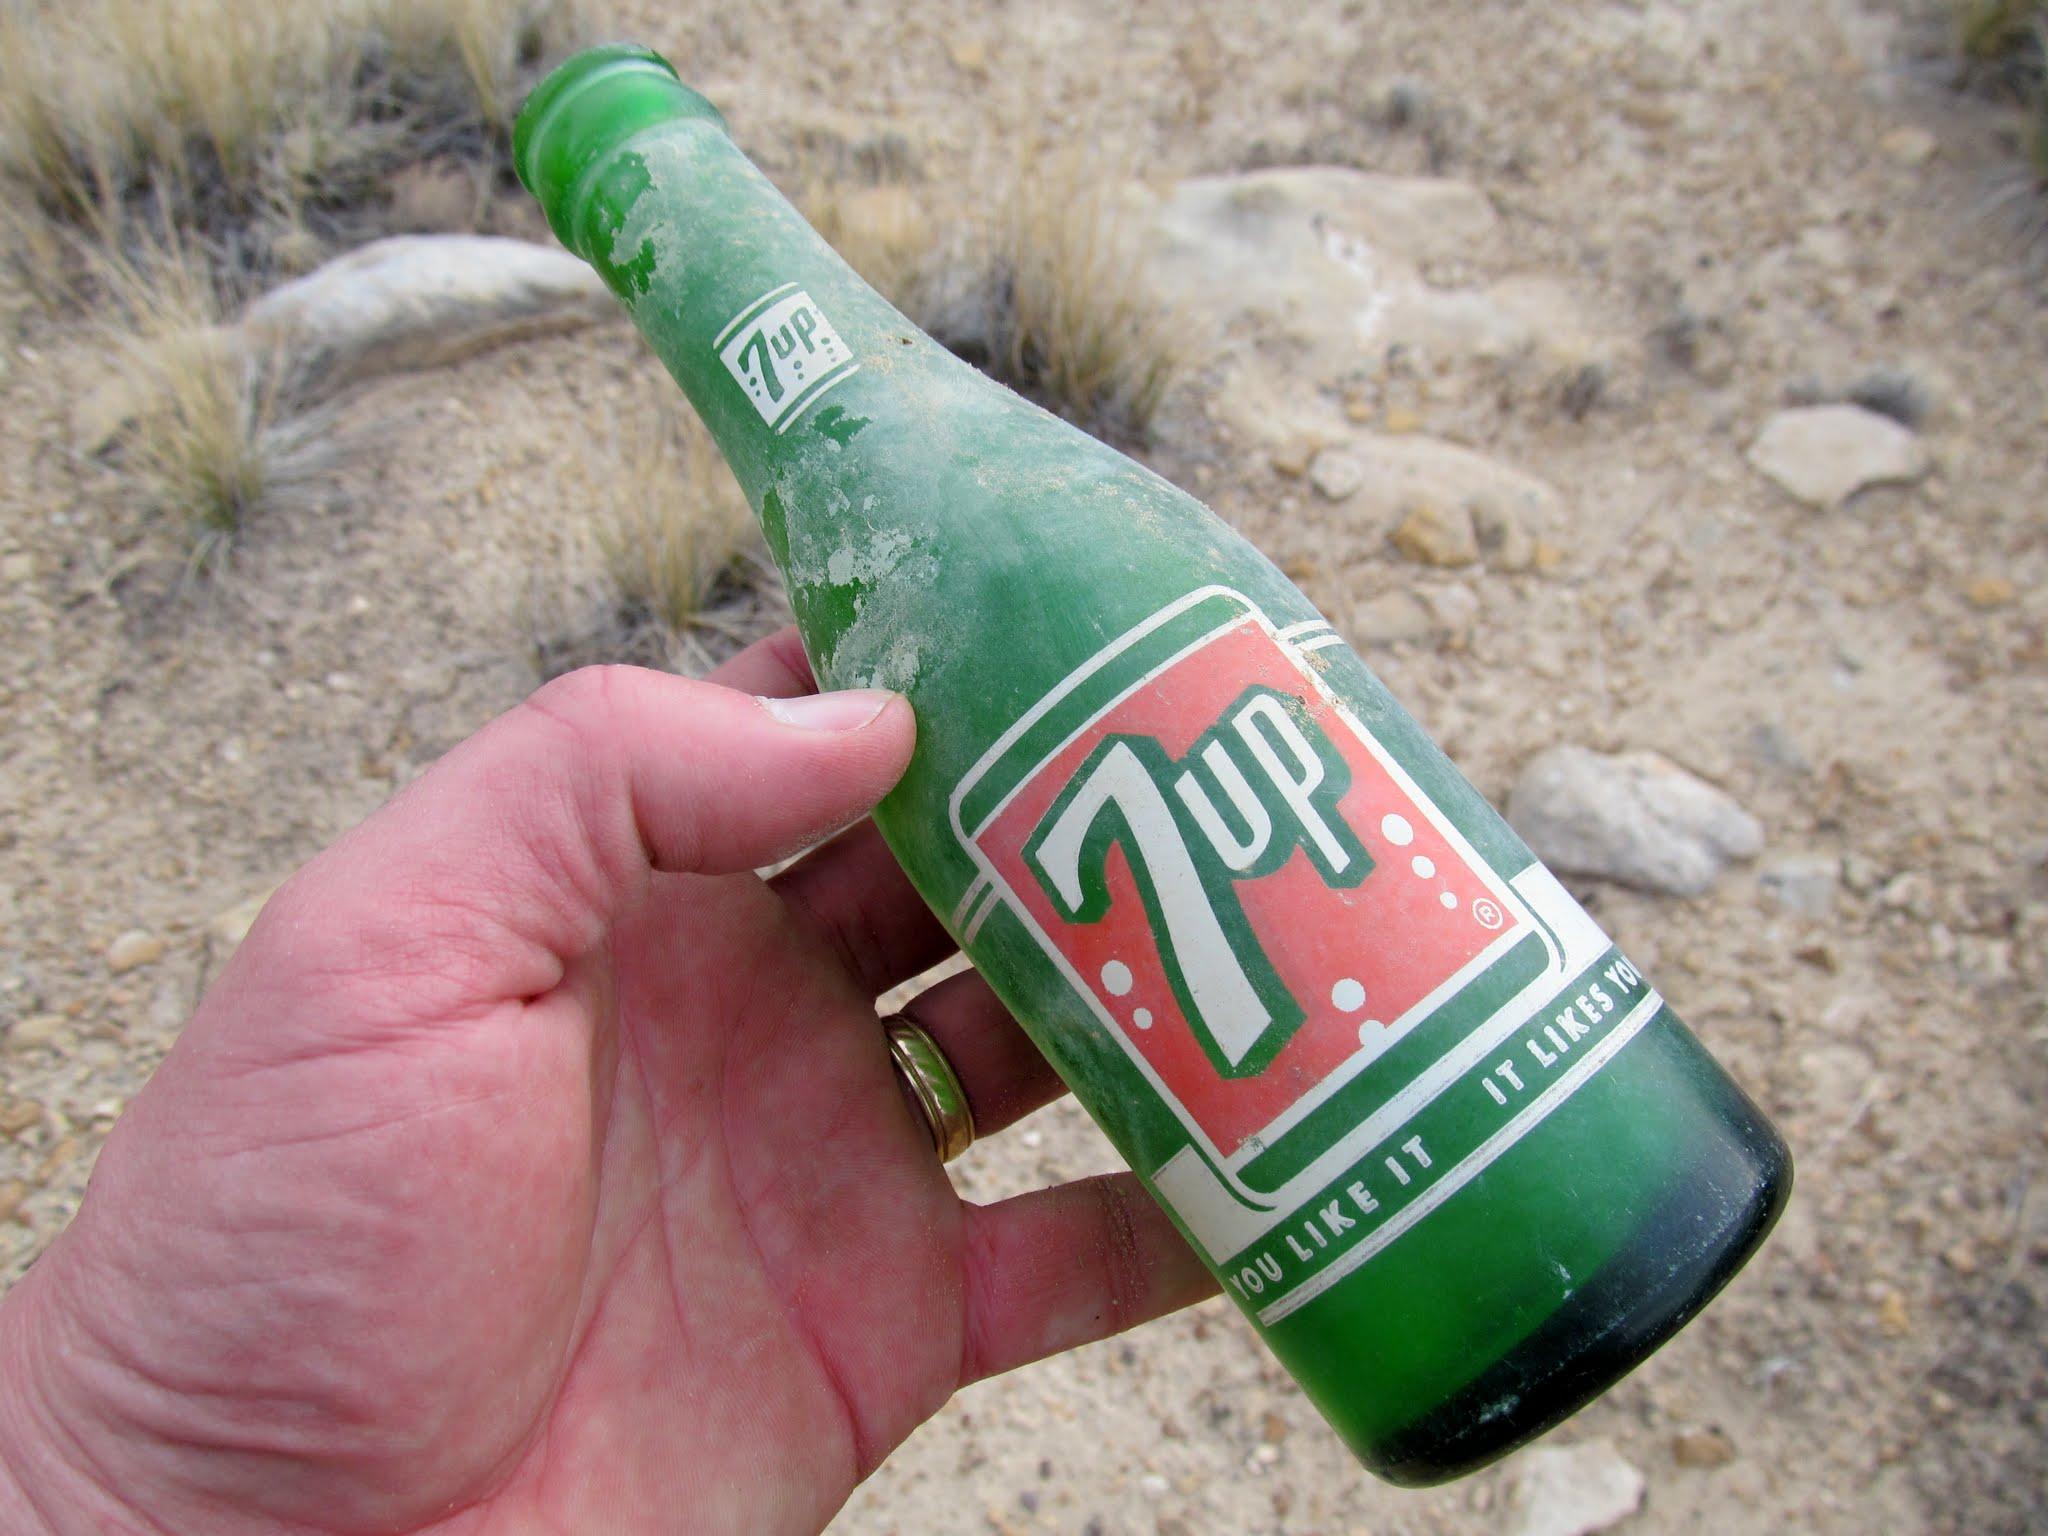 Photo: Old 7Up bottle